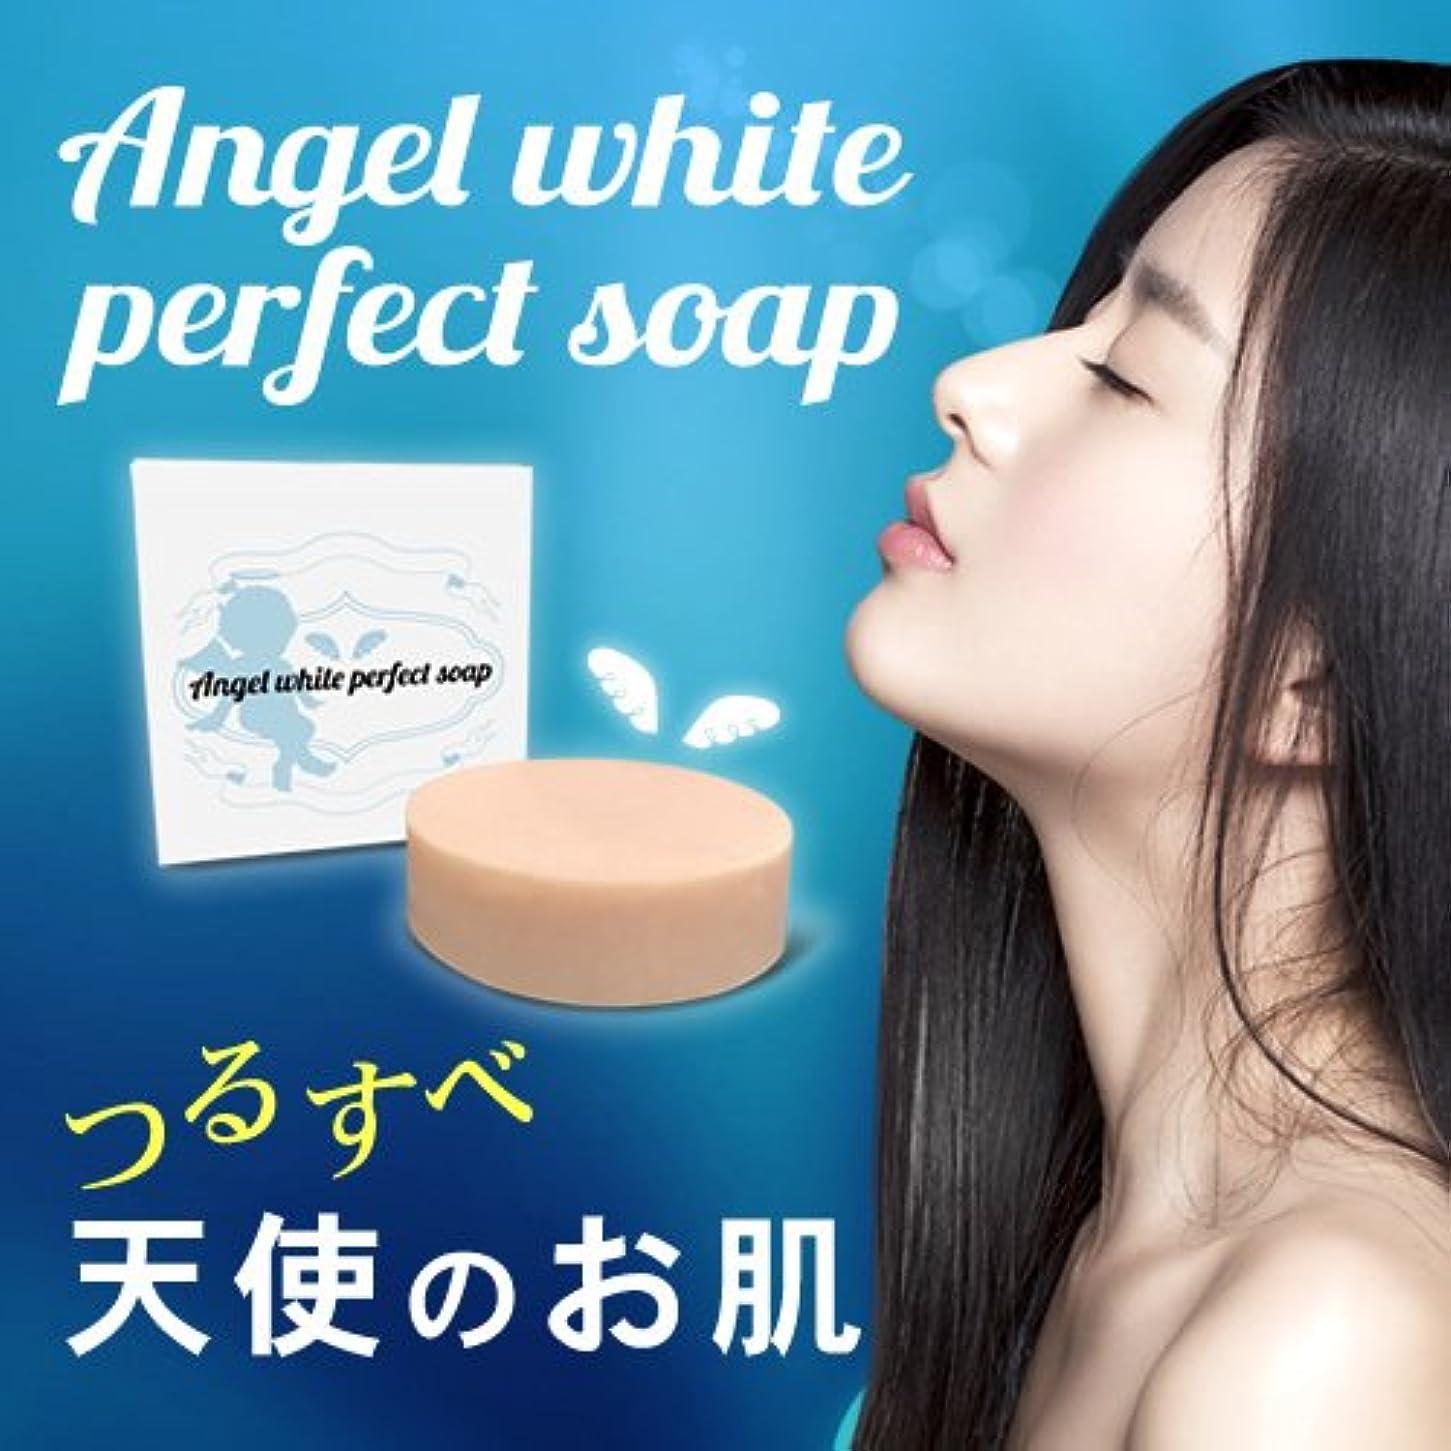 課税まあごめんなさいAngel White Perfect Soap(エンジェルホワイトパーフェクトソープ) 美白 美白石けん 美肌 洗顔石鹸